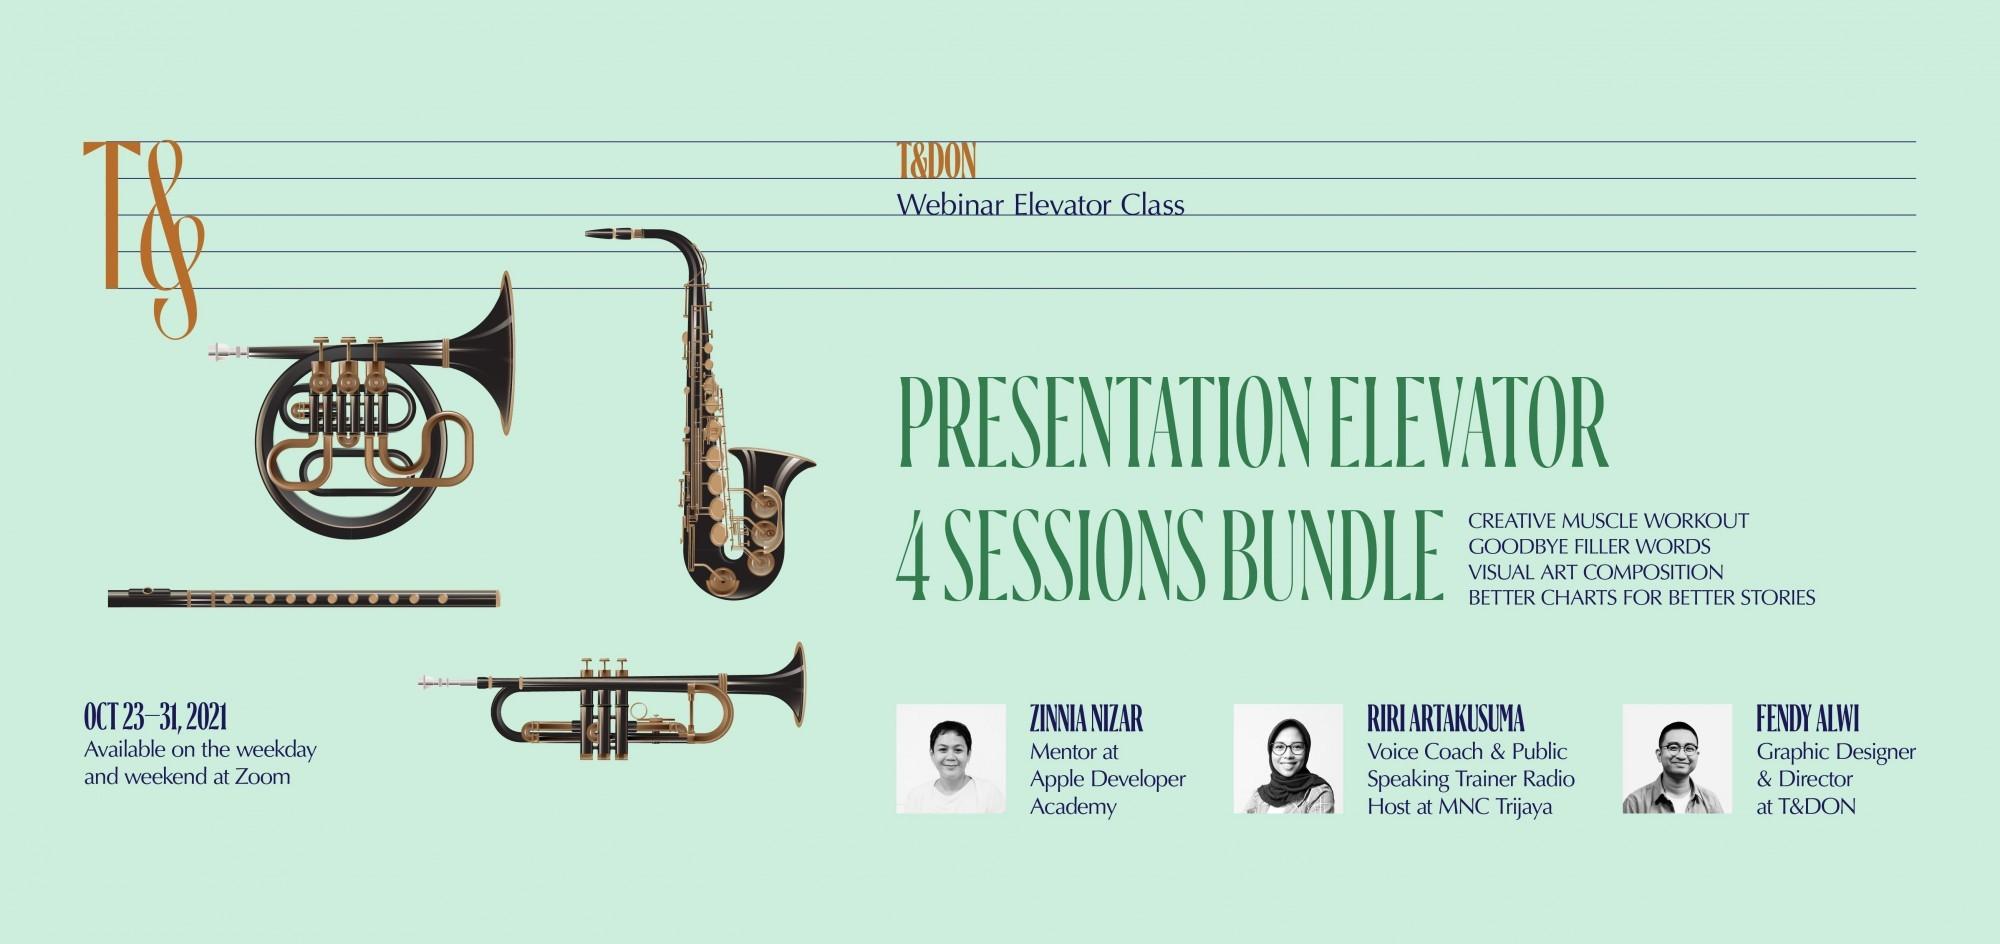 Presentation Elevator 4 Sessions Bundle